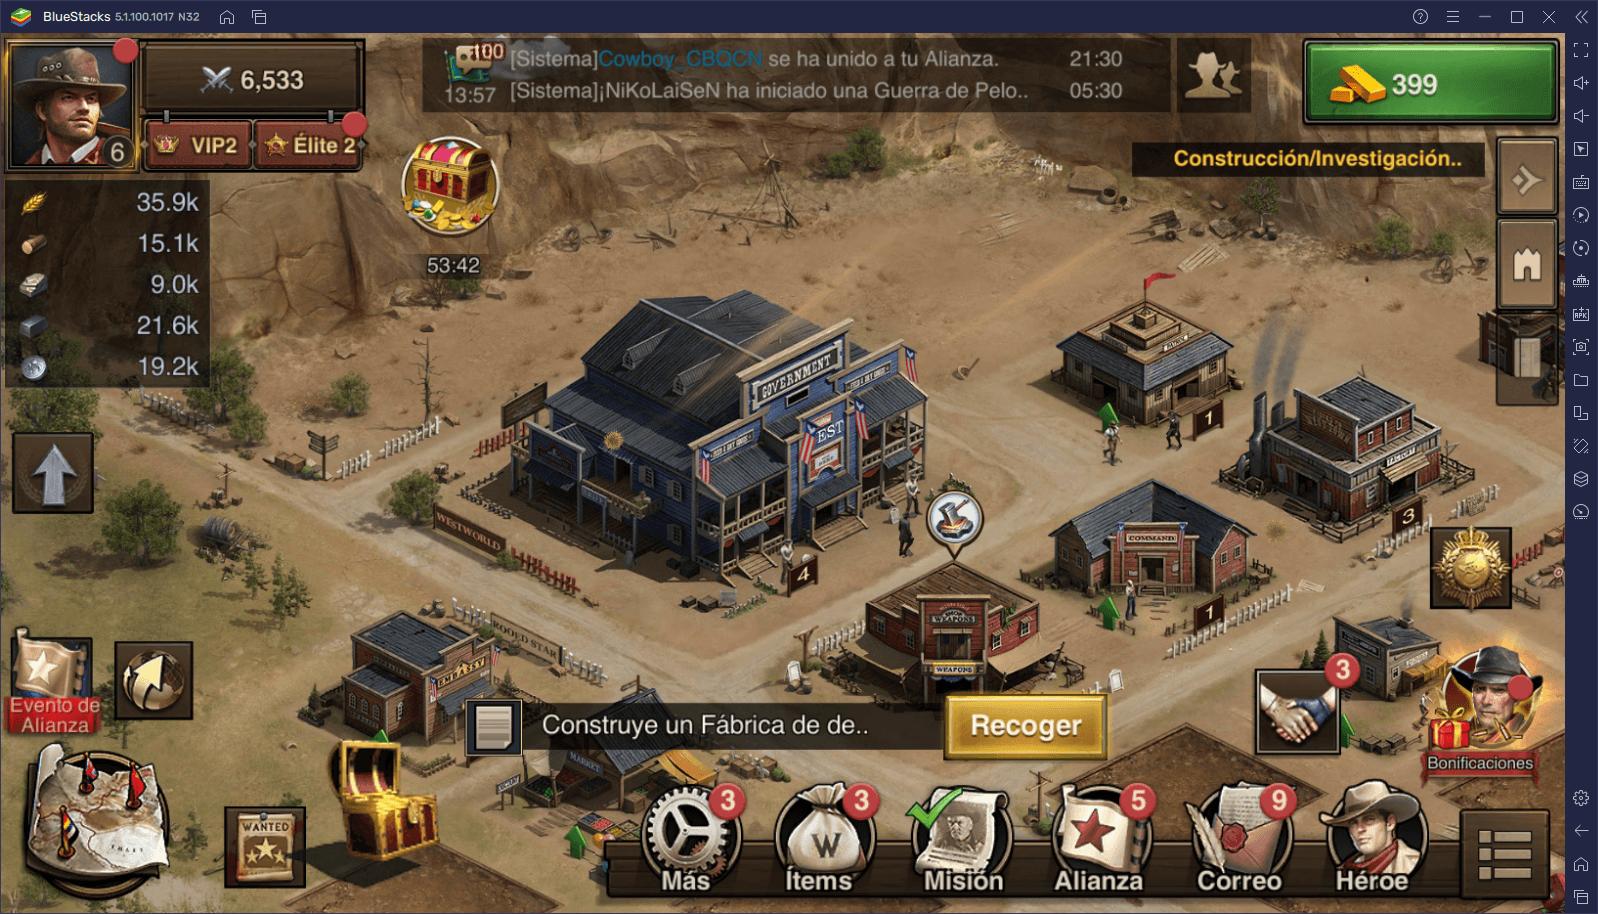 West Game en PC – Cómo Crecer Rápidamente tu Centro de la Ciudad